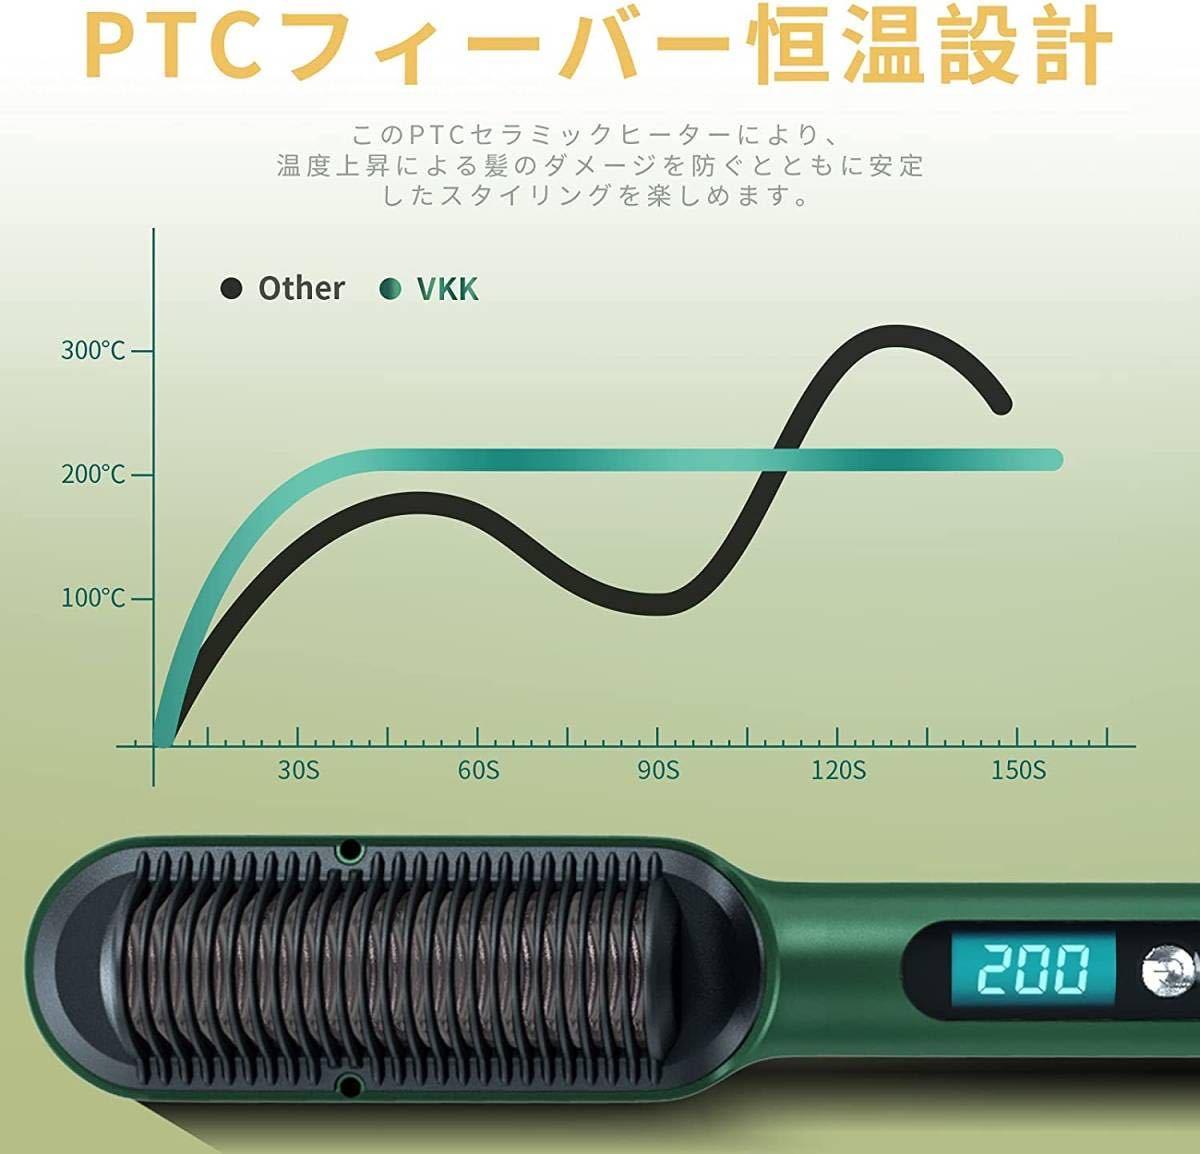 ストレートヒートブラシ 電熱ヘアブラシ ストレートブラシ ダブルマイナスイオン ブラシヘアアイロン PSE認証済